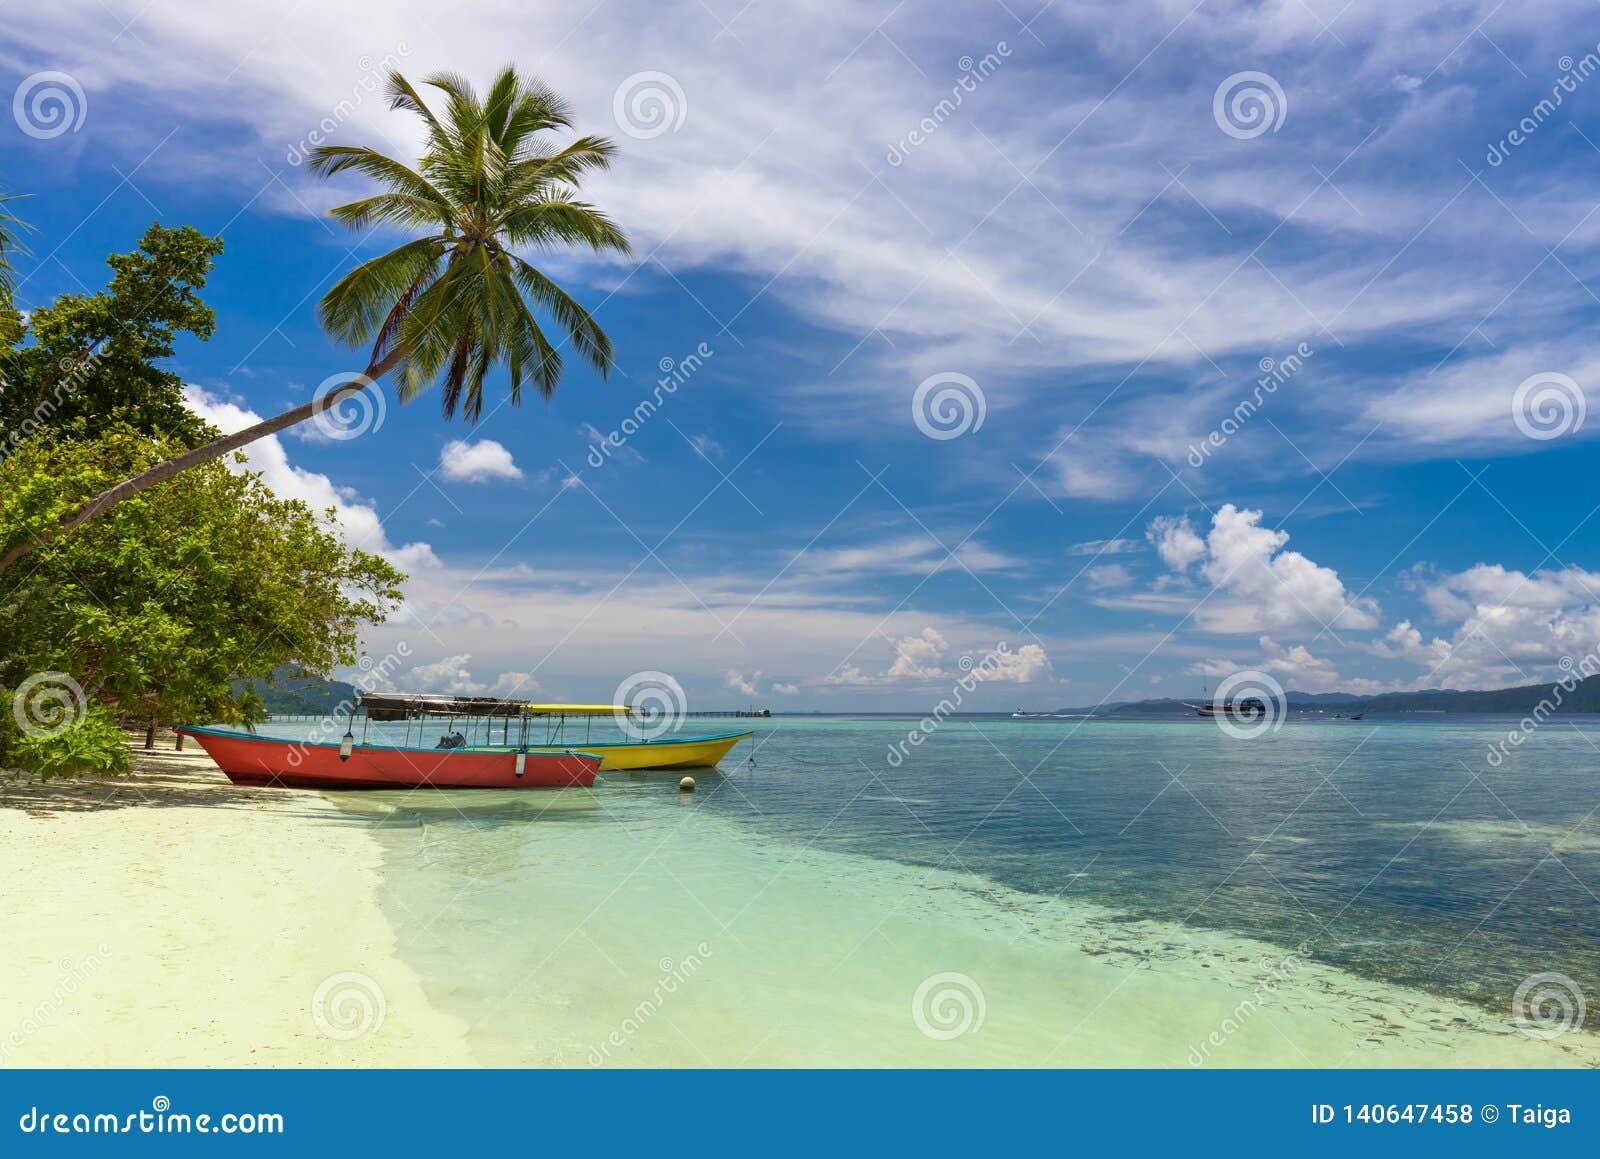 Δύο τοπικές βάρκες χρώματος στην ακτή νησιών, την τροπική παραλία με το φοίνικα καρύδων, την άσπρη άμμο και το τυρκουάζ νερό